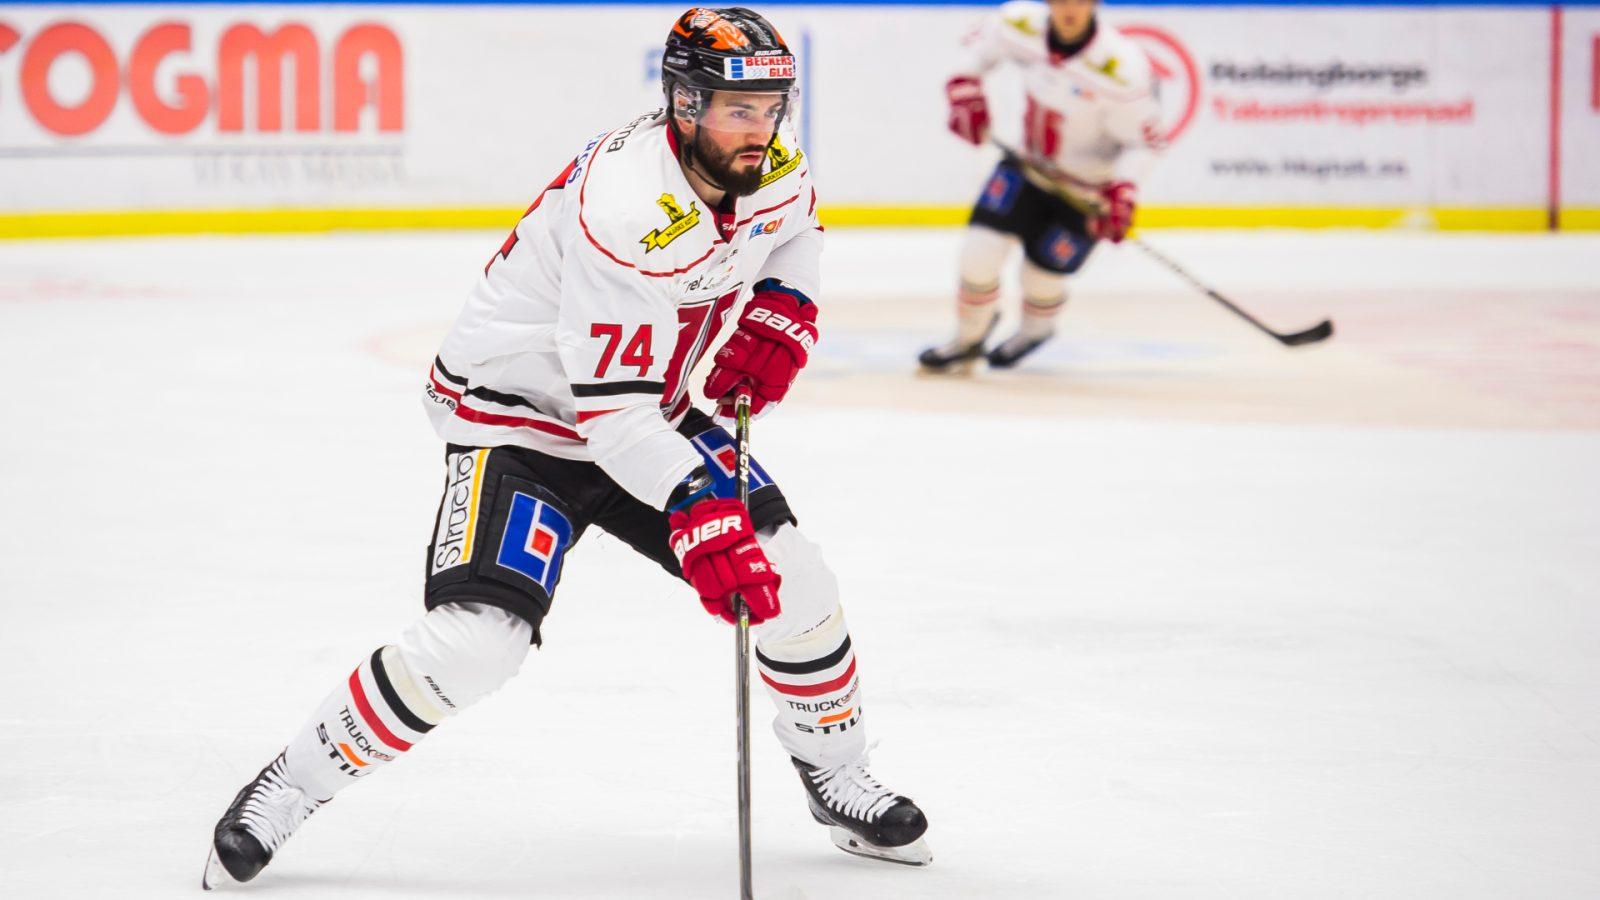 SILLY SEASON: Poängstarke backen till NHL